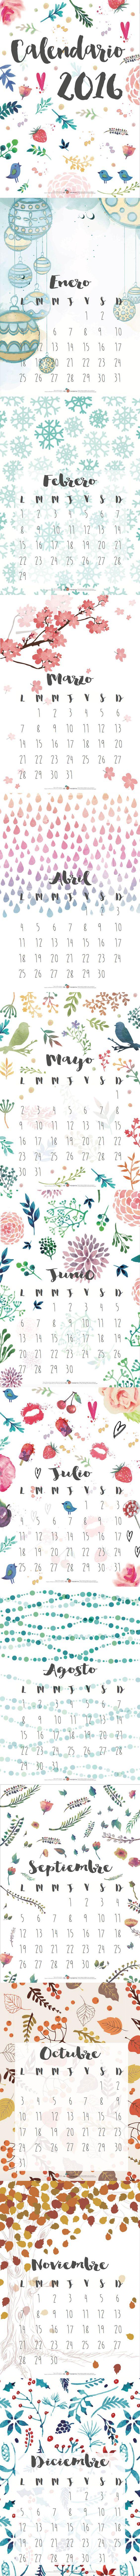 Calendario 2016 descargable gratuito disponible en www.miamandarina.es .